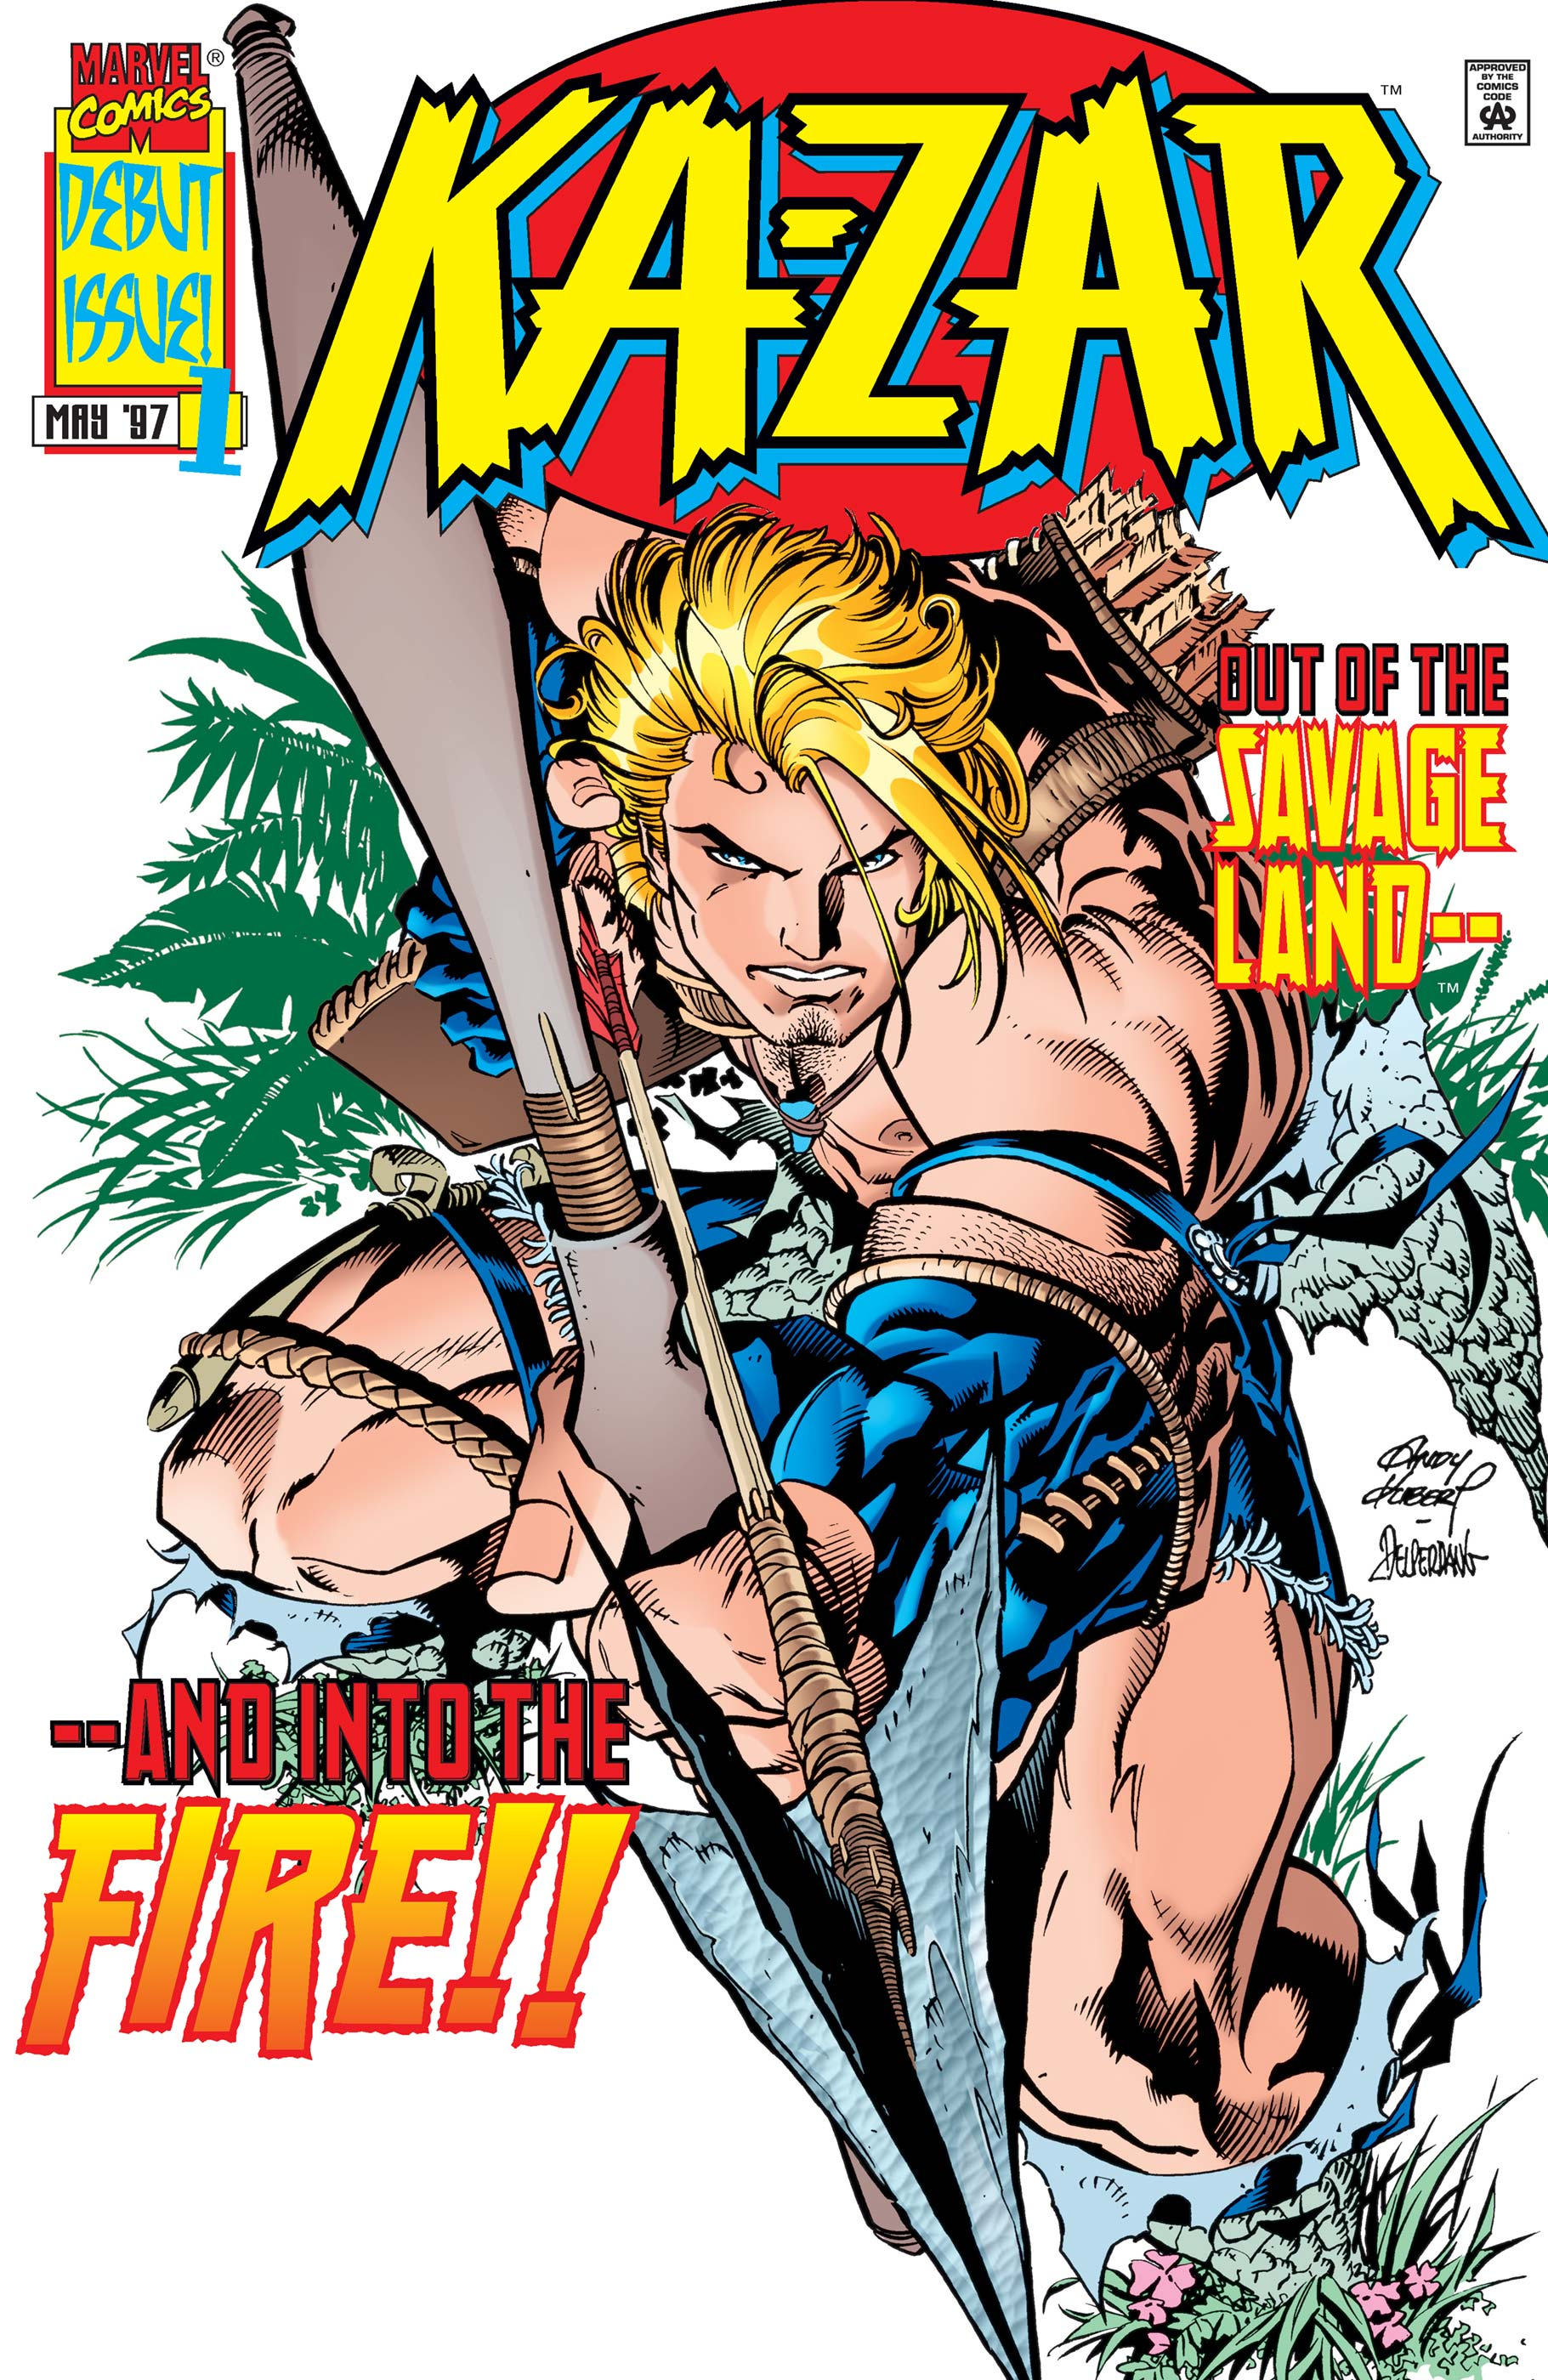 Ka-Zar (1997) #1